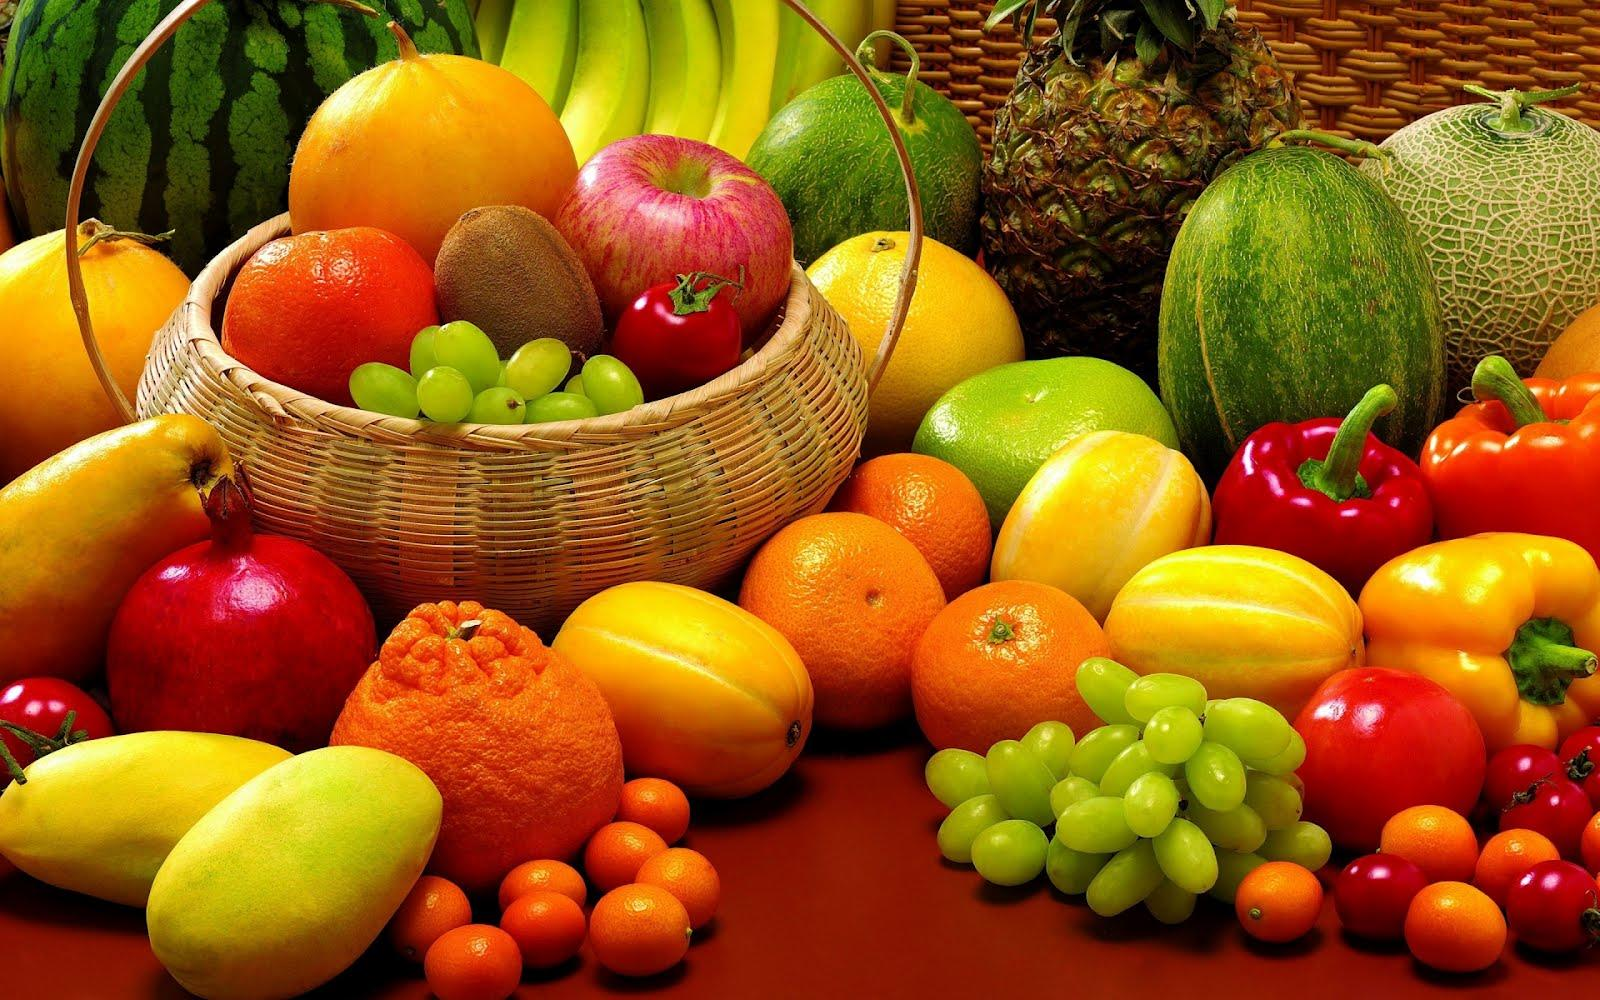 Que fruta comer para bajar de peso rapido